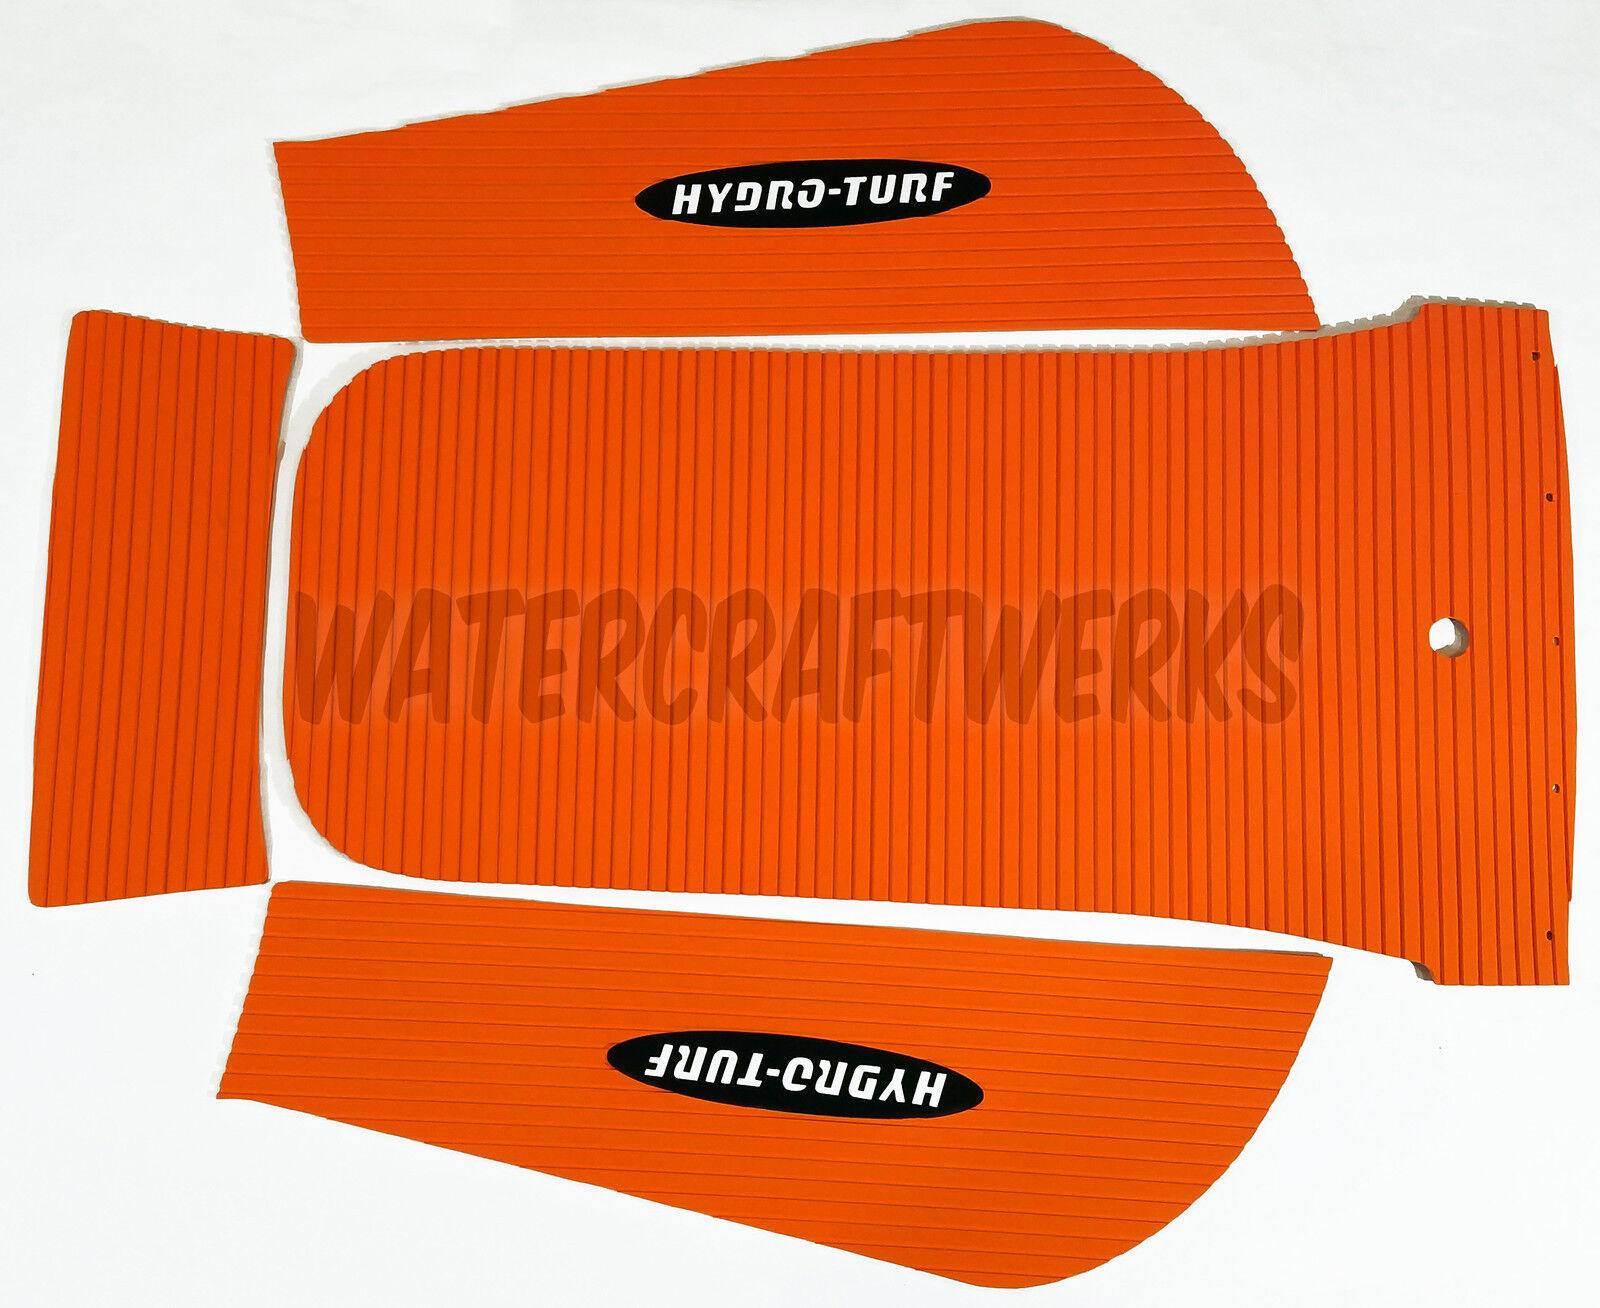 Hydro-Turf auf Lager - Kawasaki 800 Sxr Matte Set - 3m Orange Abschalten Groove 3m - 3b1572